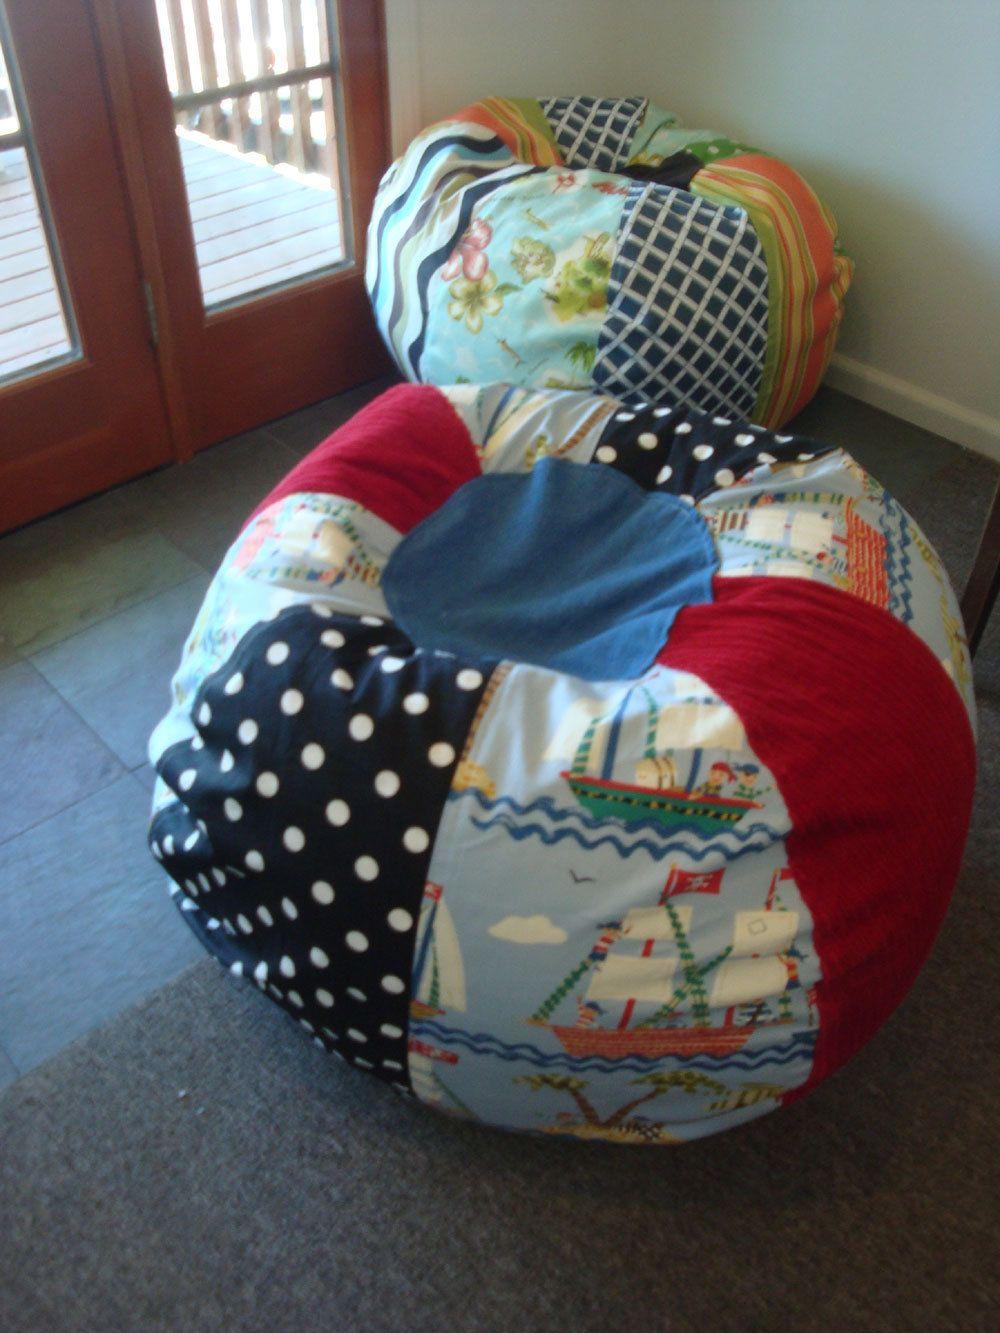 Fun Childrens Pirate Bean Bag Chair Bean Bag Chair